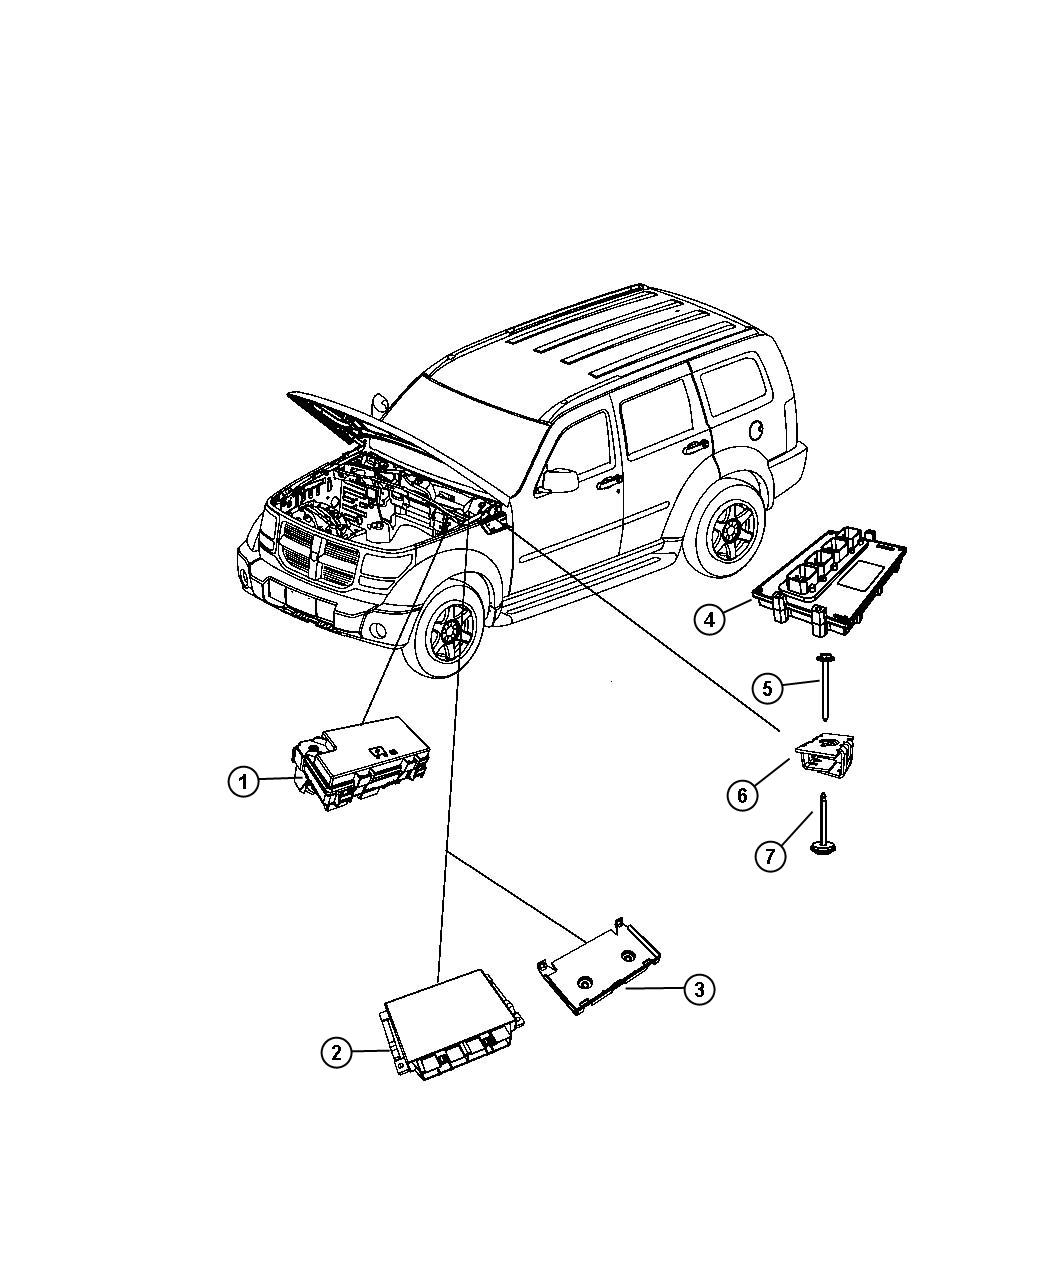 2007 Dodge Nitro Engine Compartment Diagram